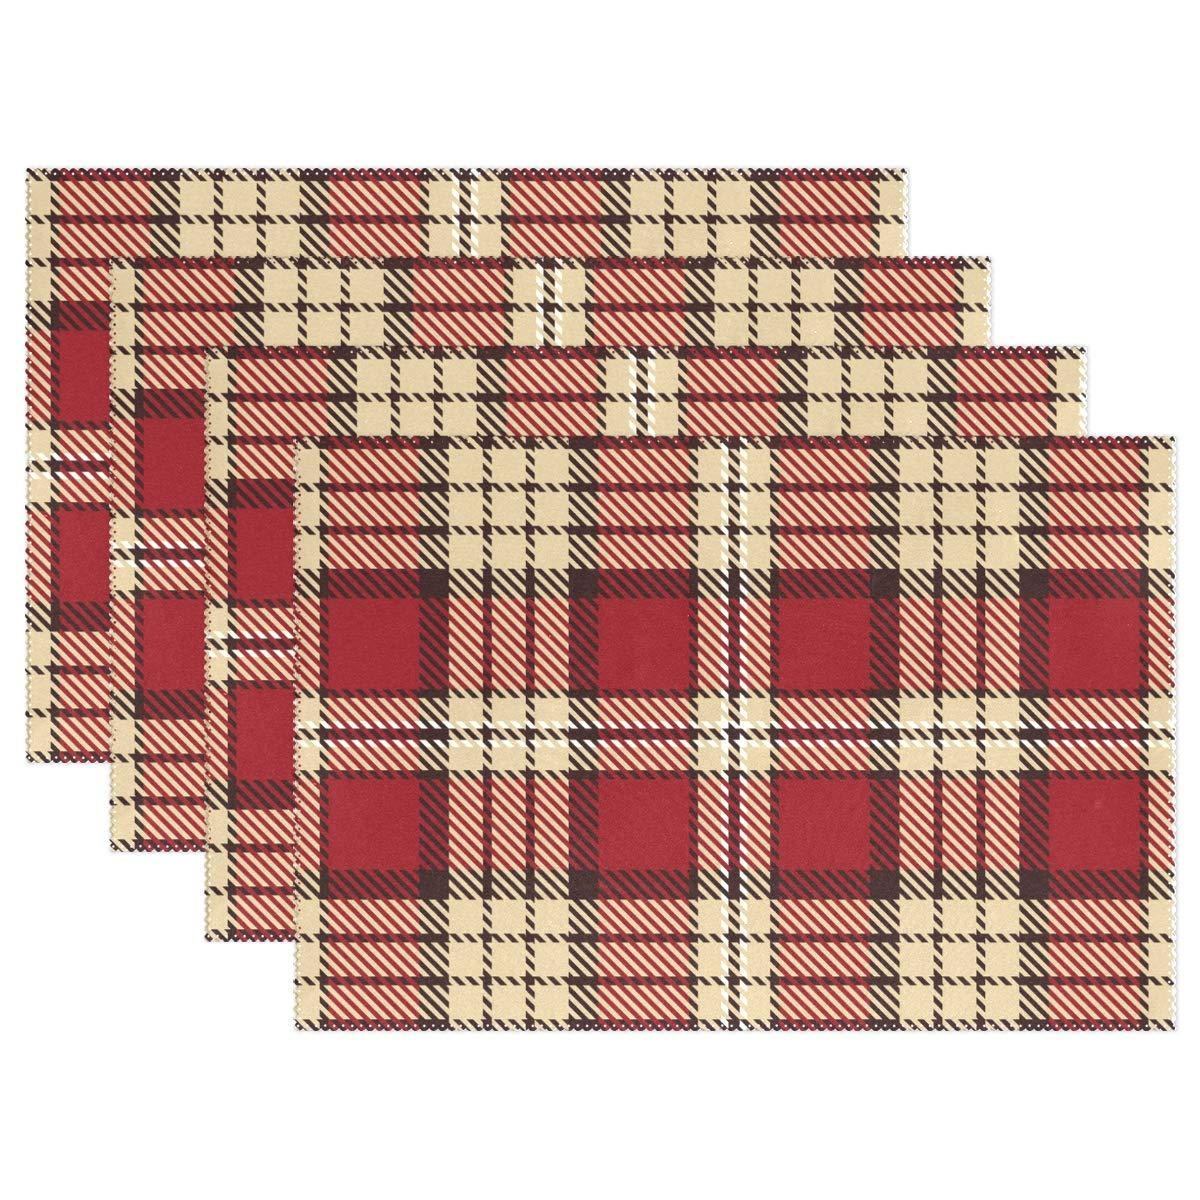 Jereee クリスマス 赤 ベージュ 格子柄 1セット プレースマット 耐熱 テーブルマット 洗濯可能 汚れにくい 滑り止め ポリエステル プレースマット キッチン ダイニング デコレーション Set of 4 g11030460p145c160s239 Set of 4 マルチカラー B07JPH1NDX